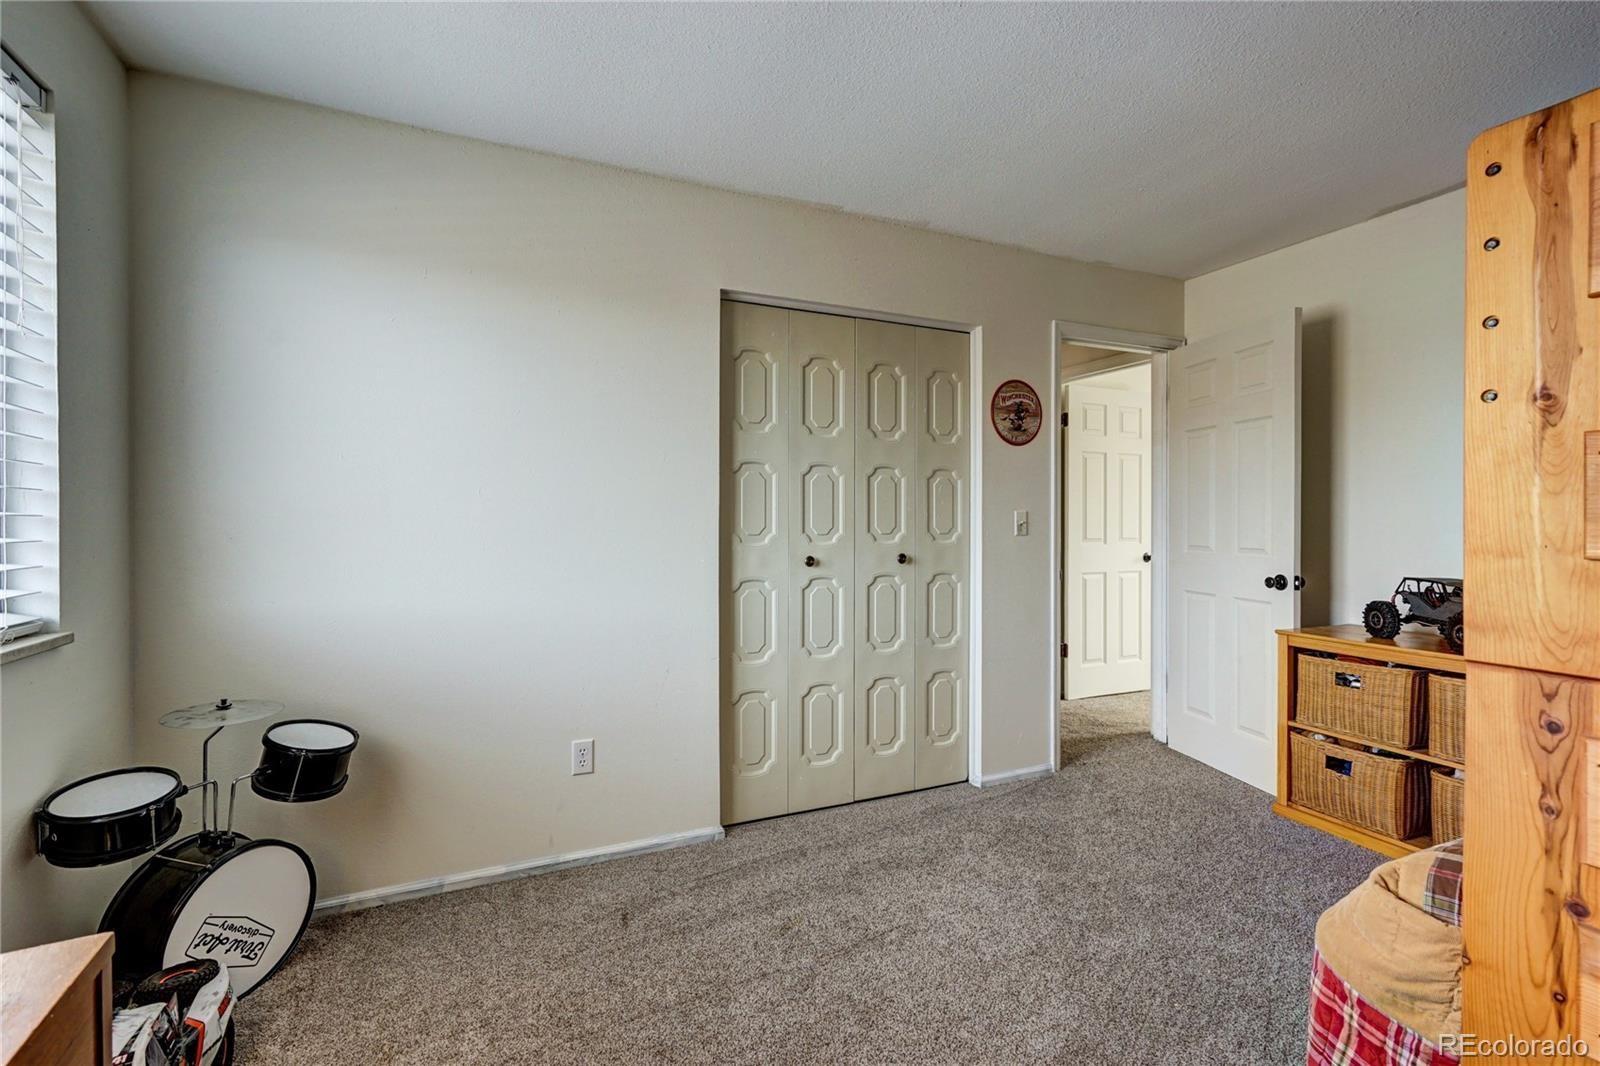 MLS# 1802926 - 23 - 7271 W Weaver Place, Littleton, CO 80123